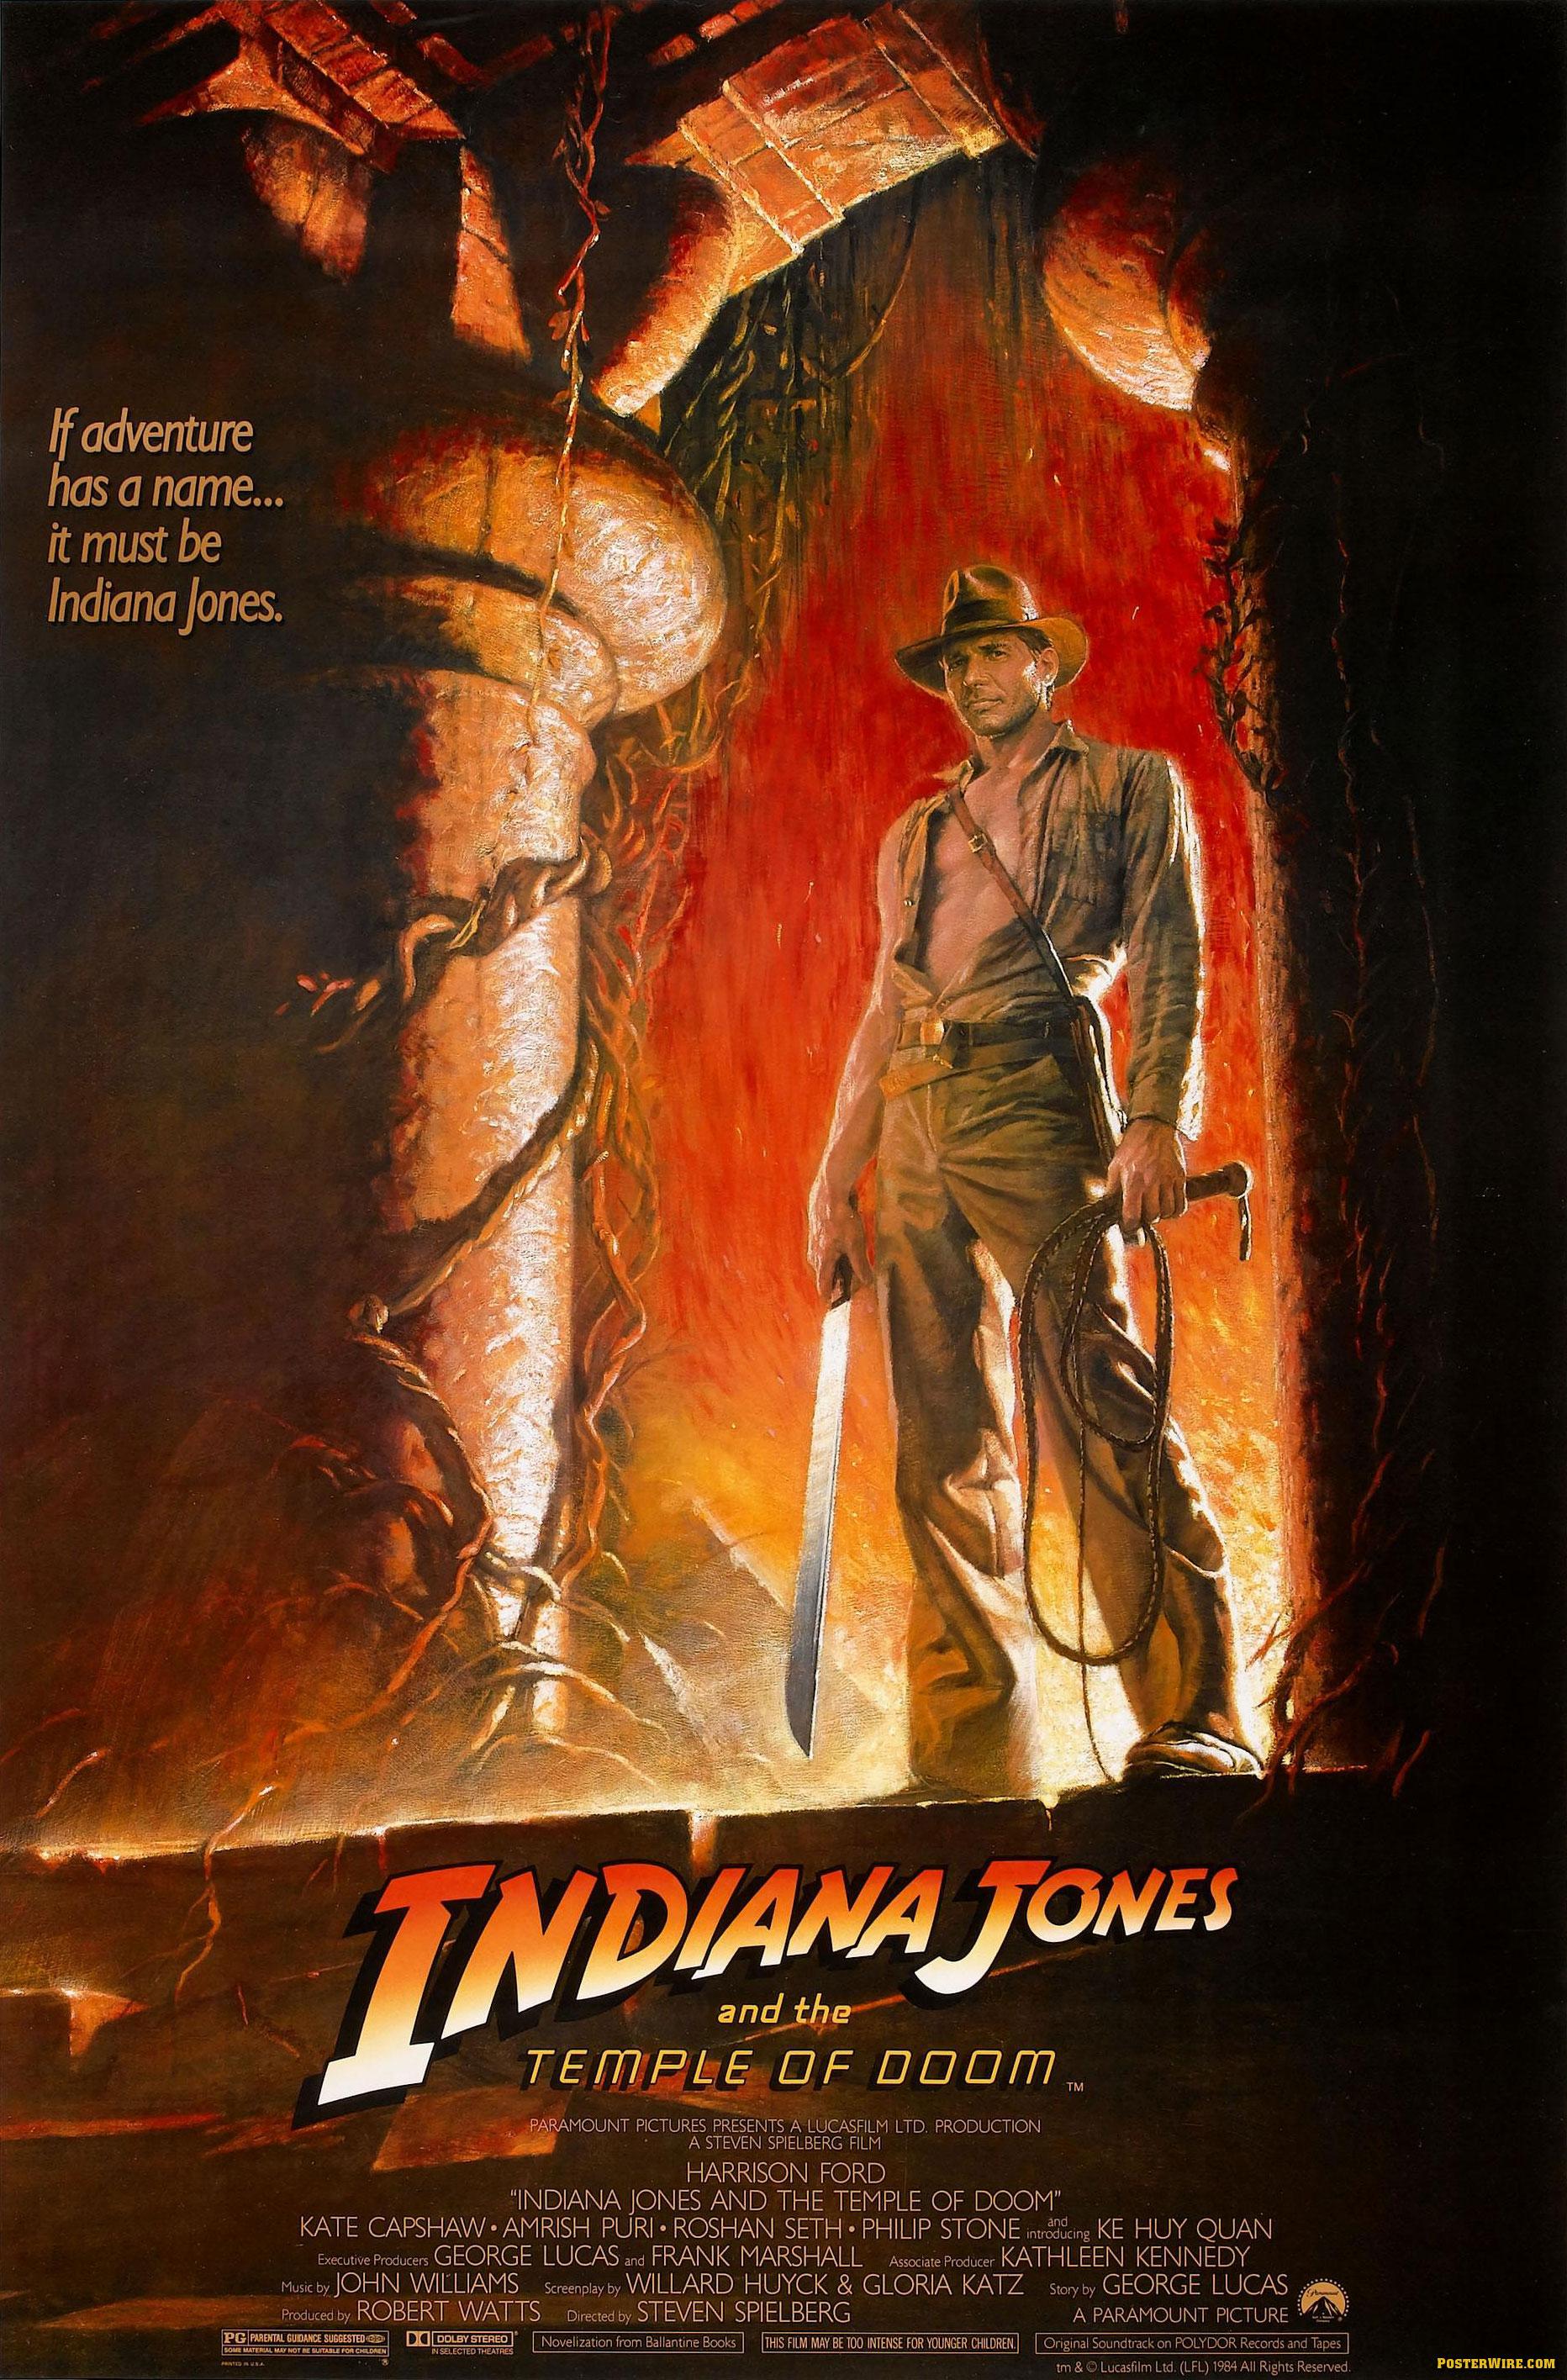 Indiana Jones y el reino de las calaveras - Página 11 12602355443_8cfa219930_o